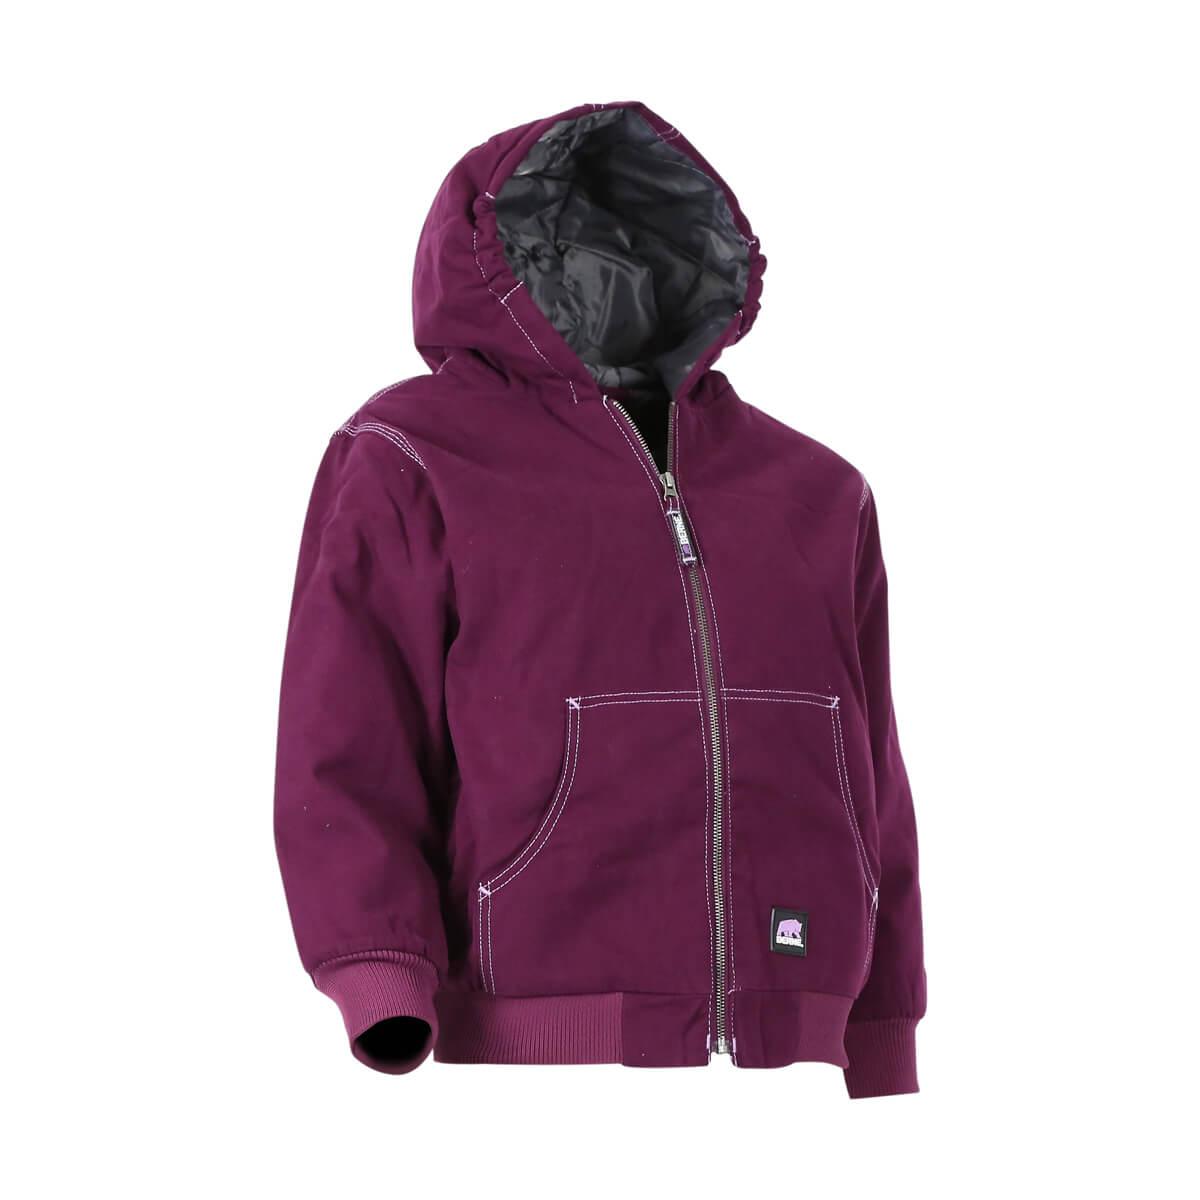 Youth Softstone Hooded Jacket - Plum